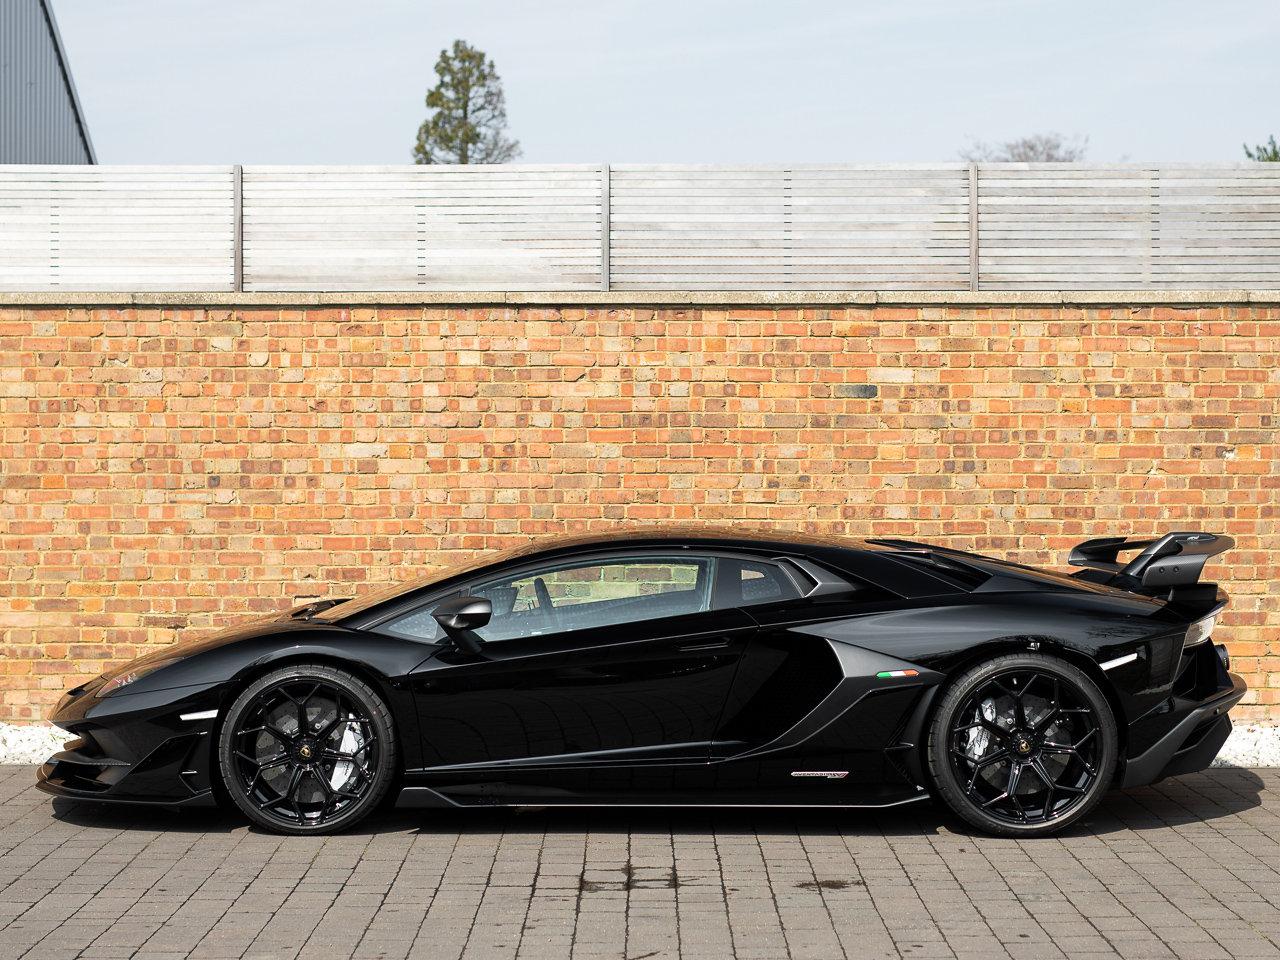 2019/19 Lamborghini Aventador LP 770-4 SVJ For Sale